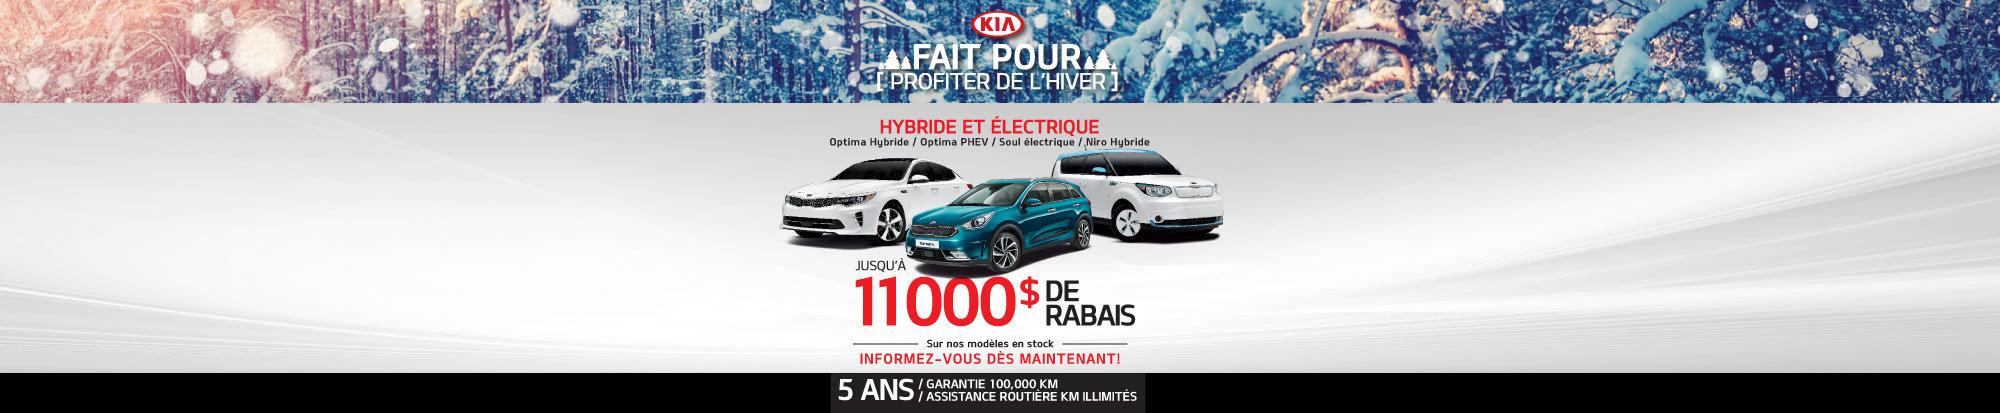 Kia hybrides web